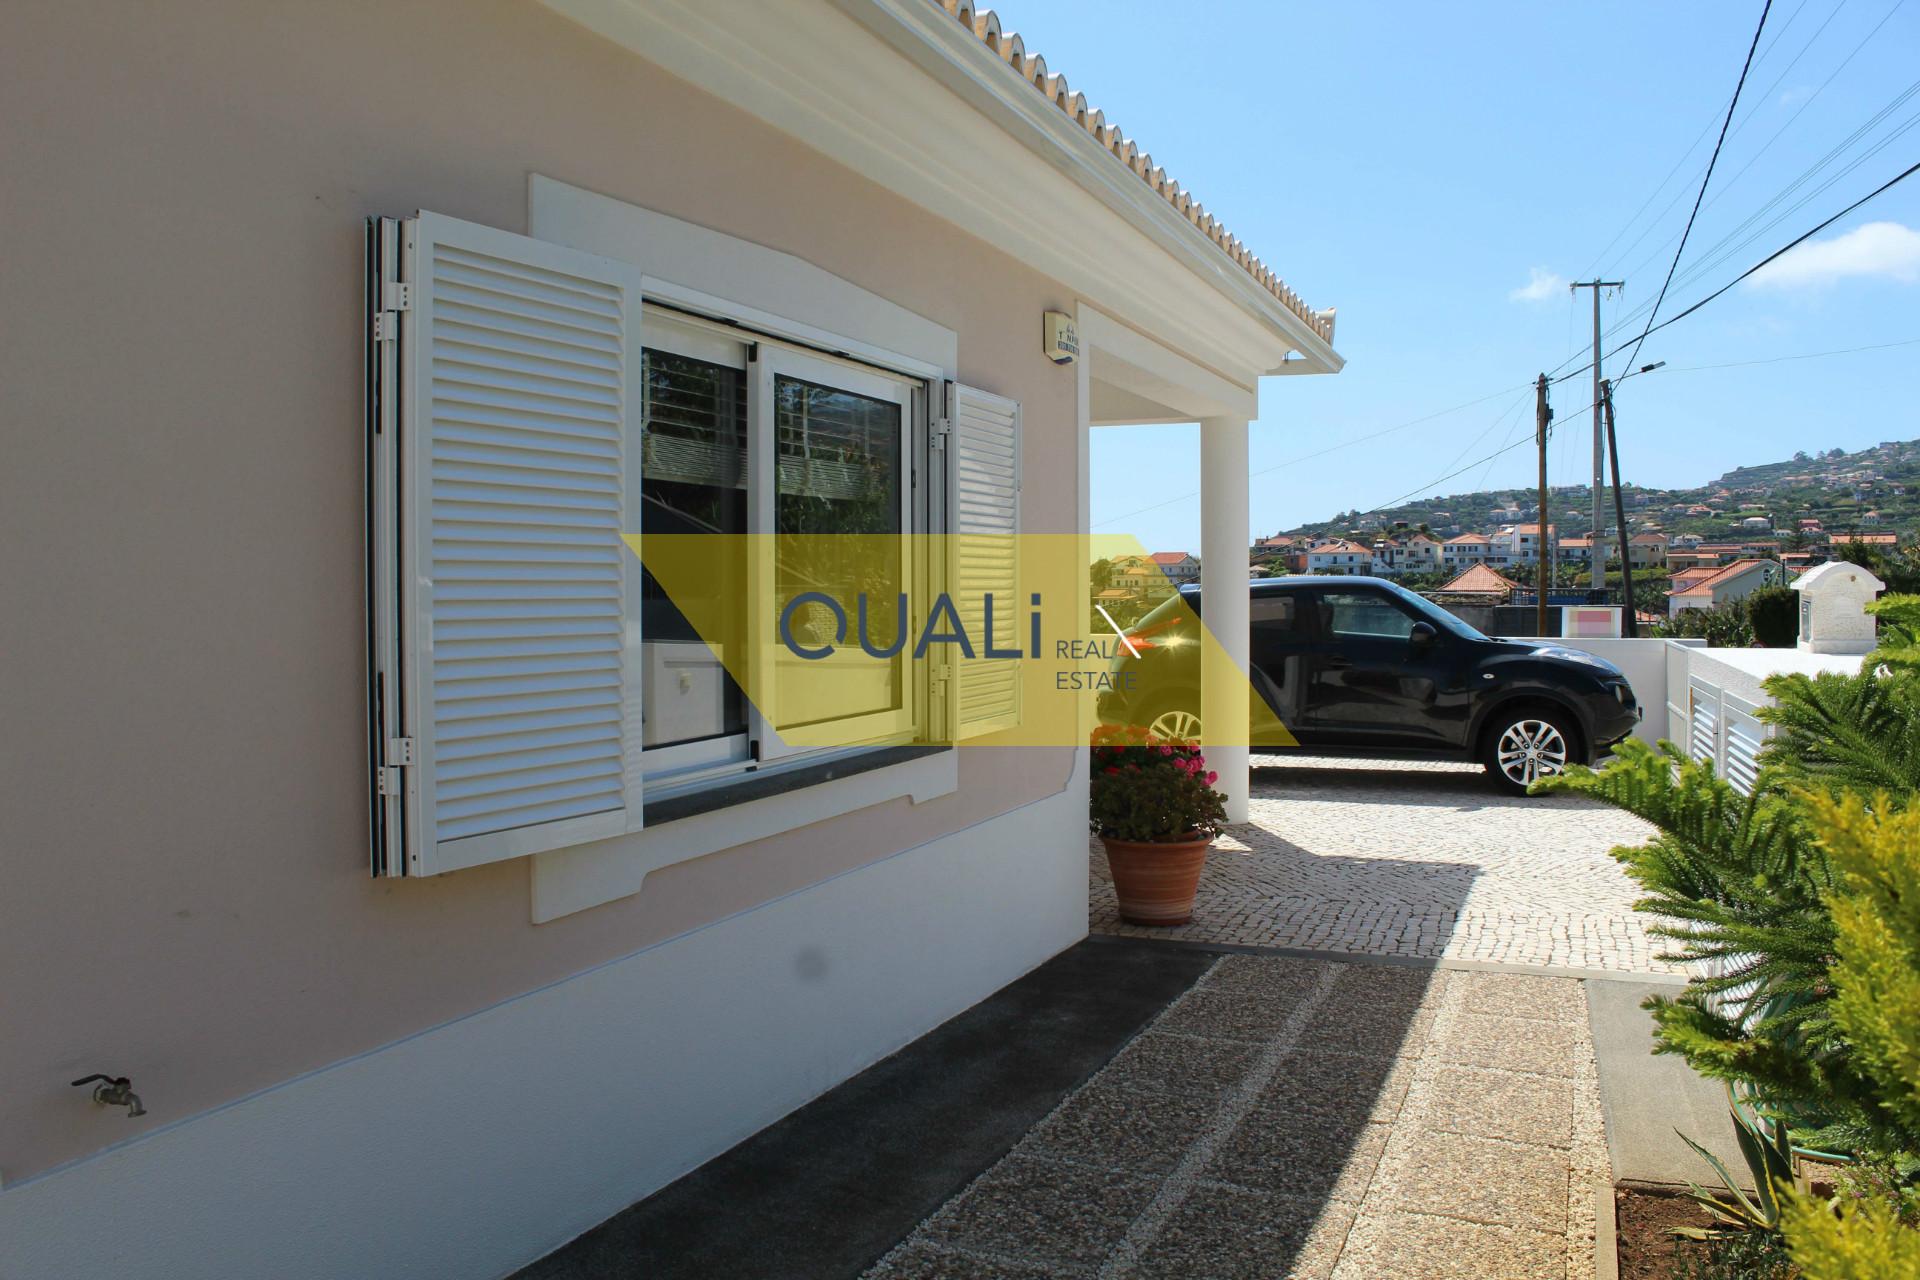 Venda - Moradia Isolada T3+1 - Ponta do Sol - € 650.000,00